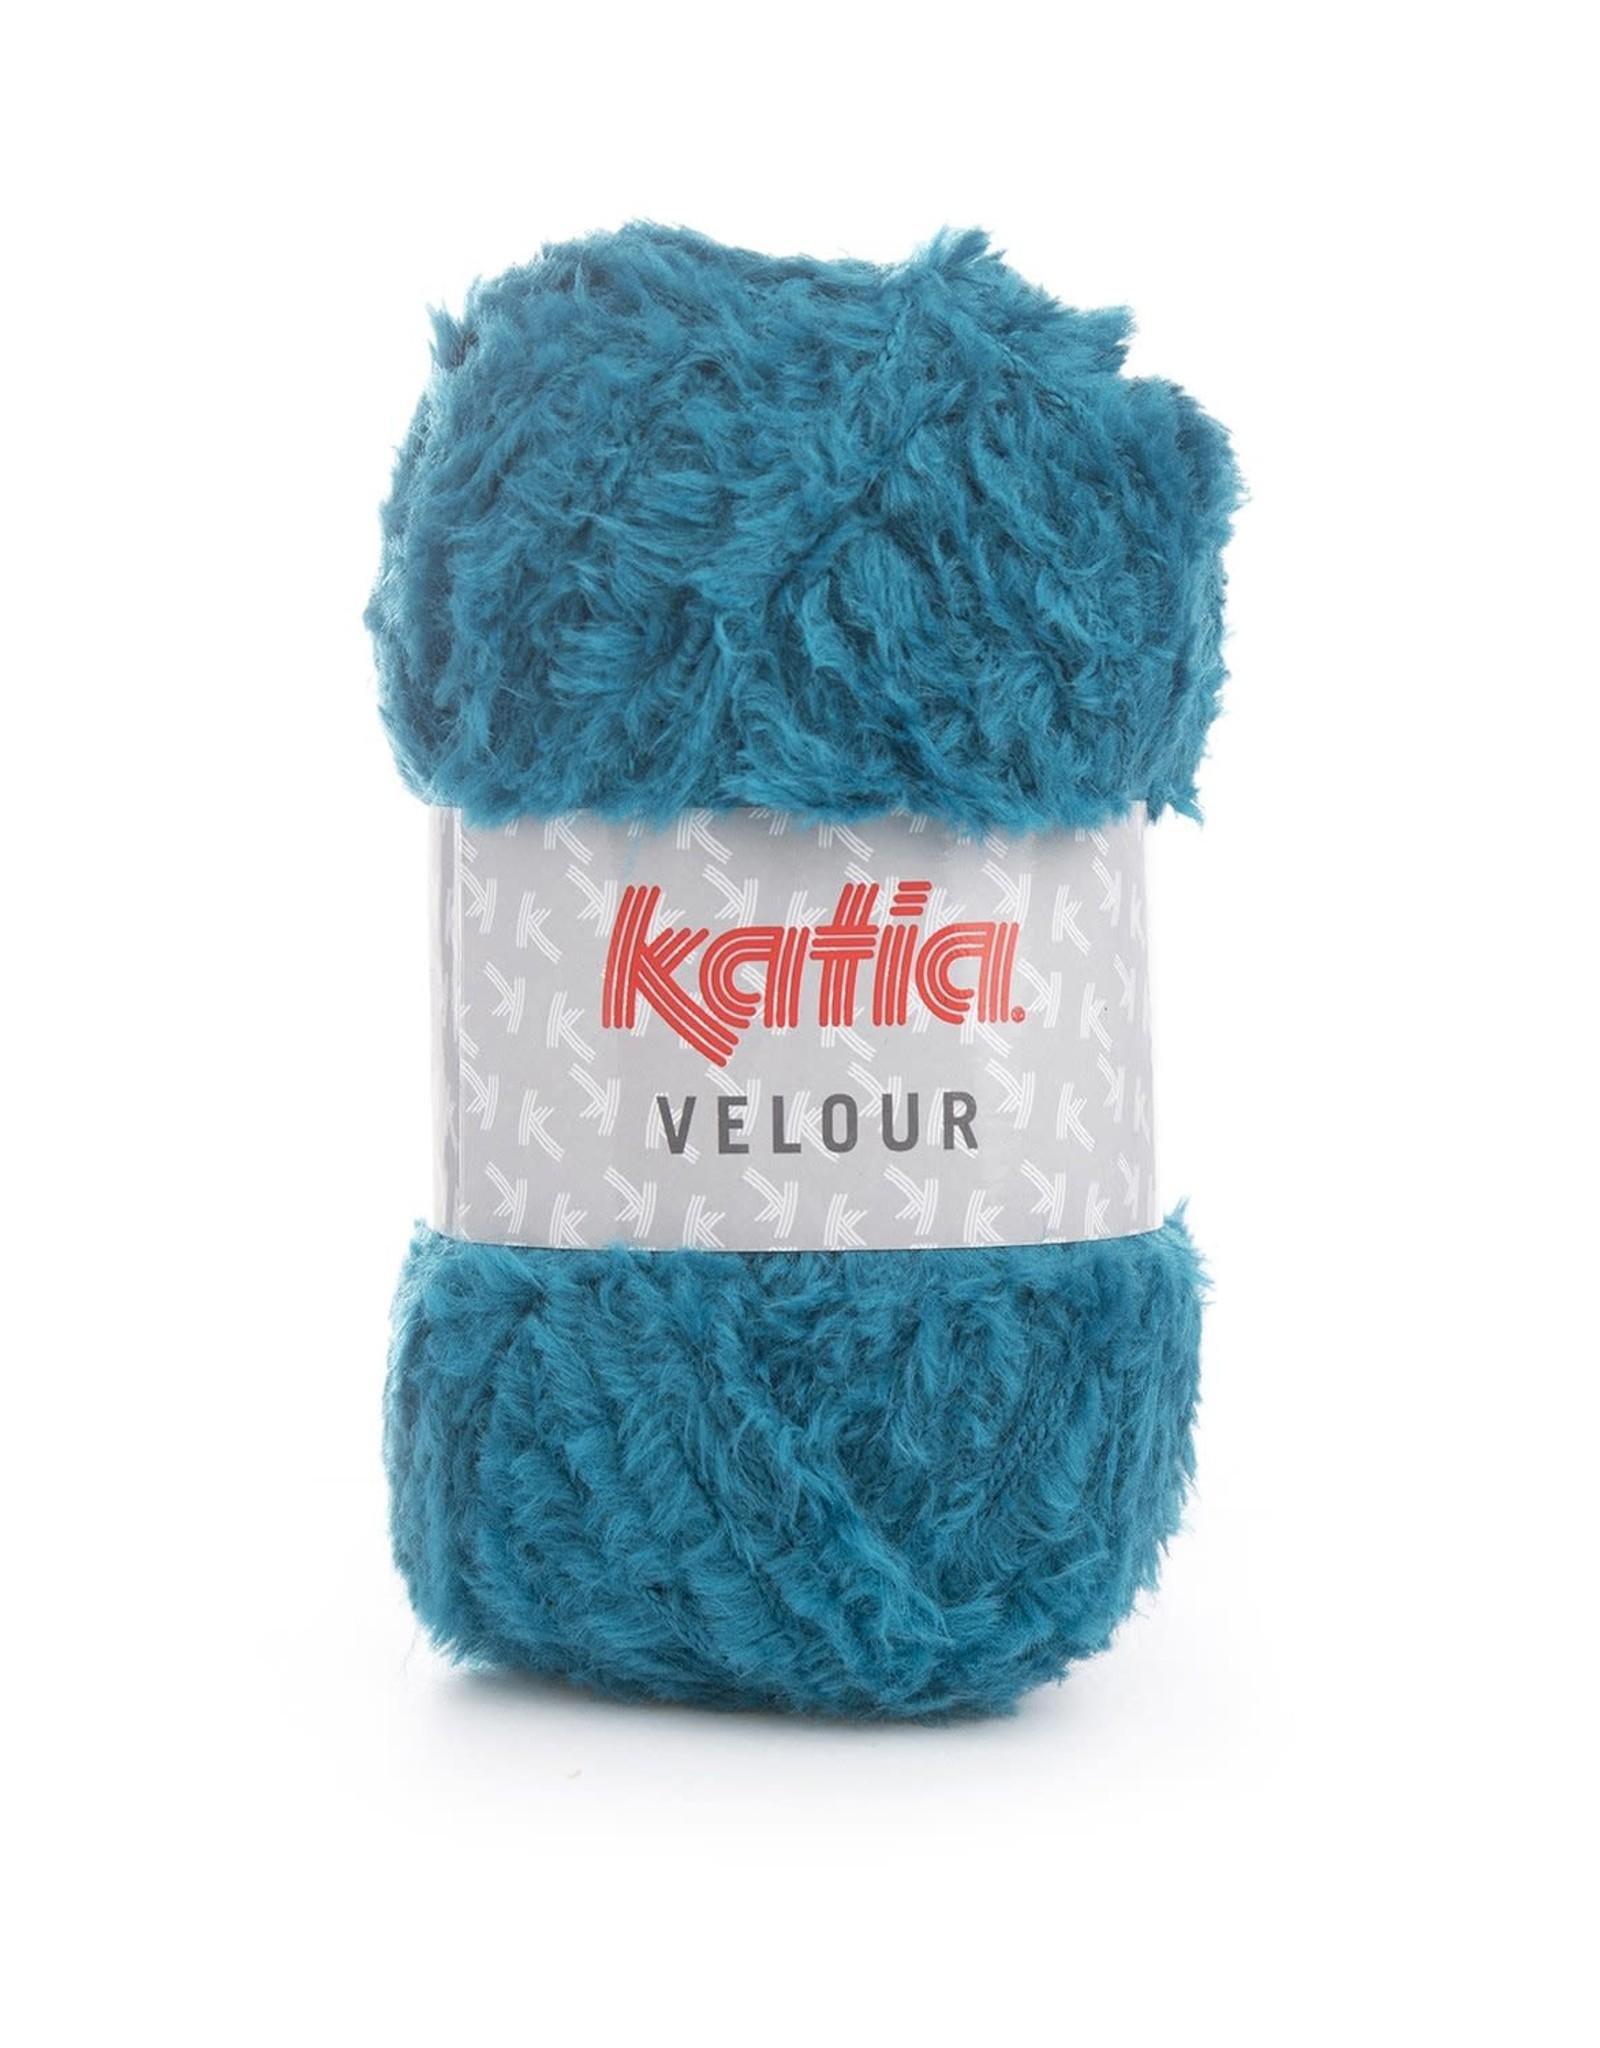 Katia Katia Velour 78 Turquoise